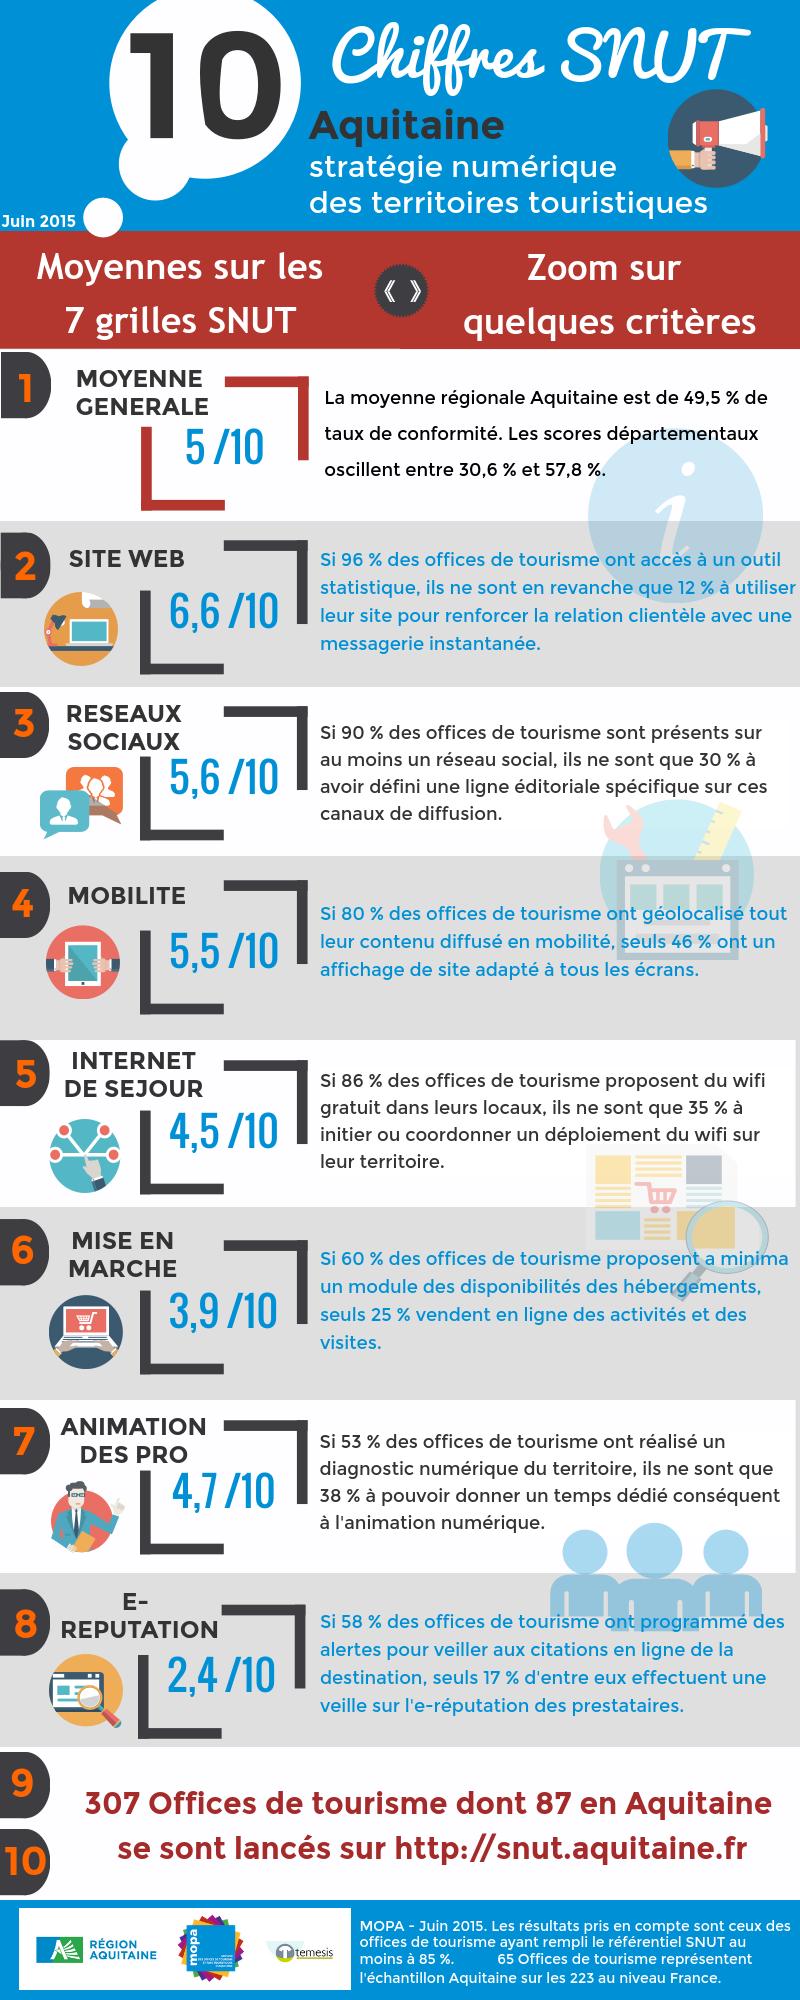 10 chiffres clés du SNUT en Aquitaine juin 2015 mopa